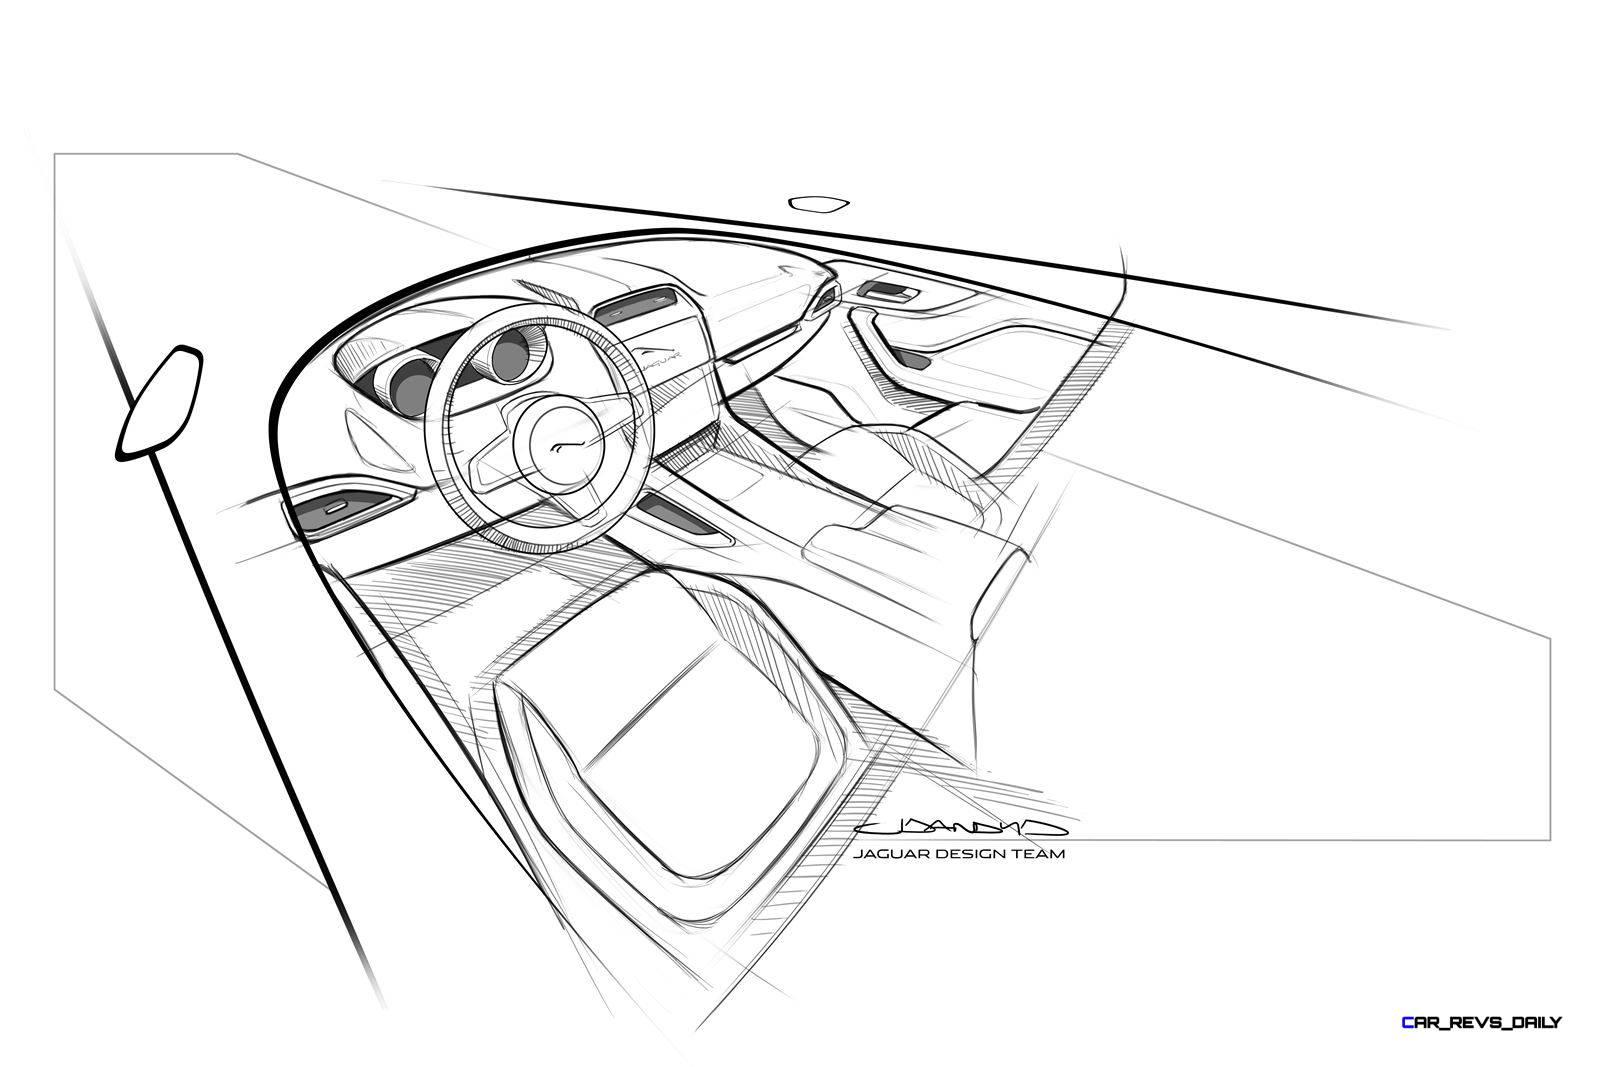 Jag Fpace Interior Sketch 09